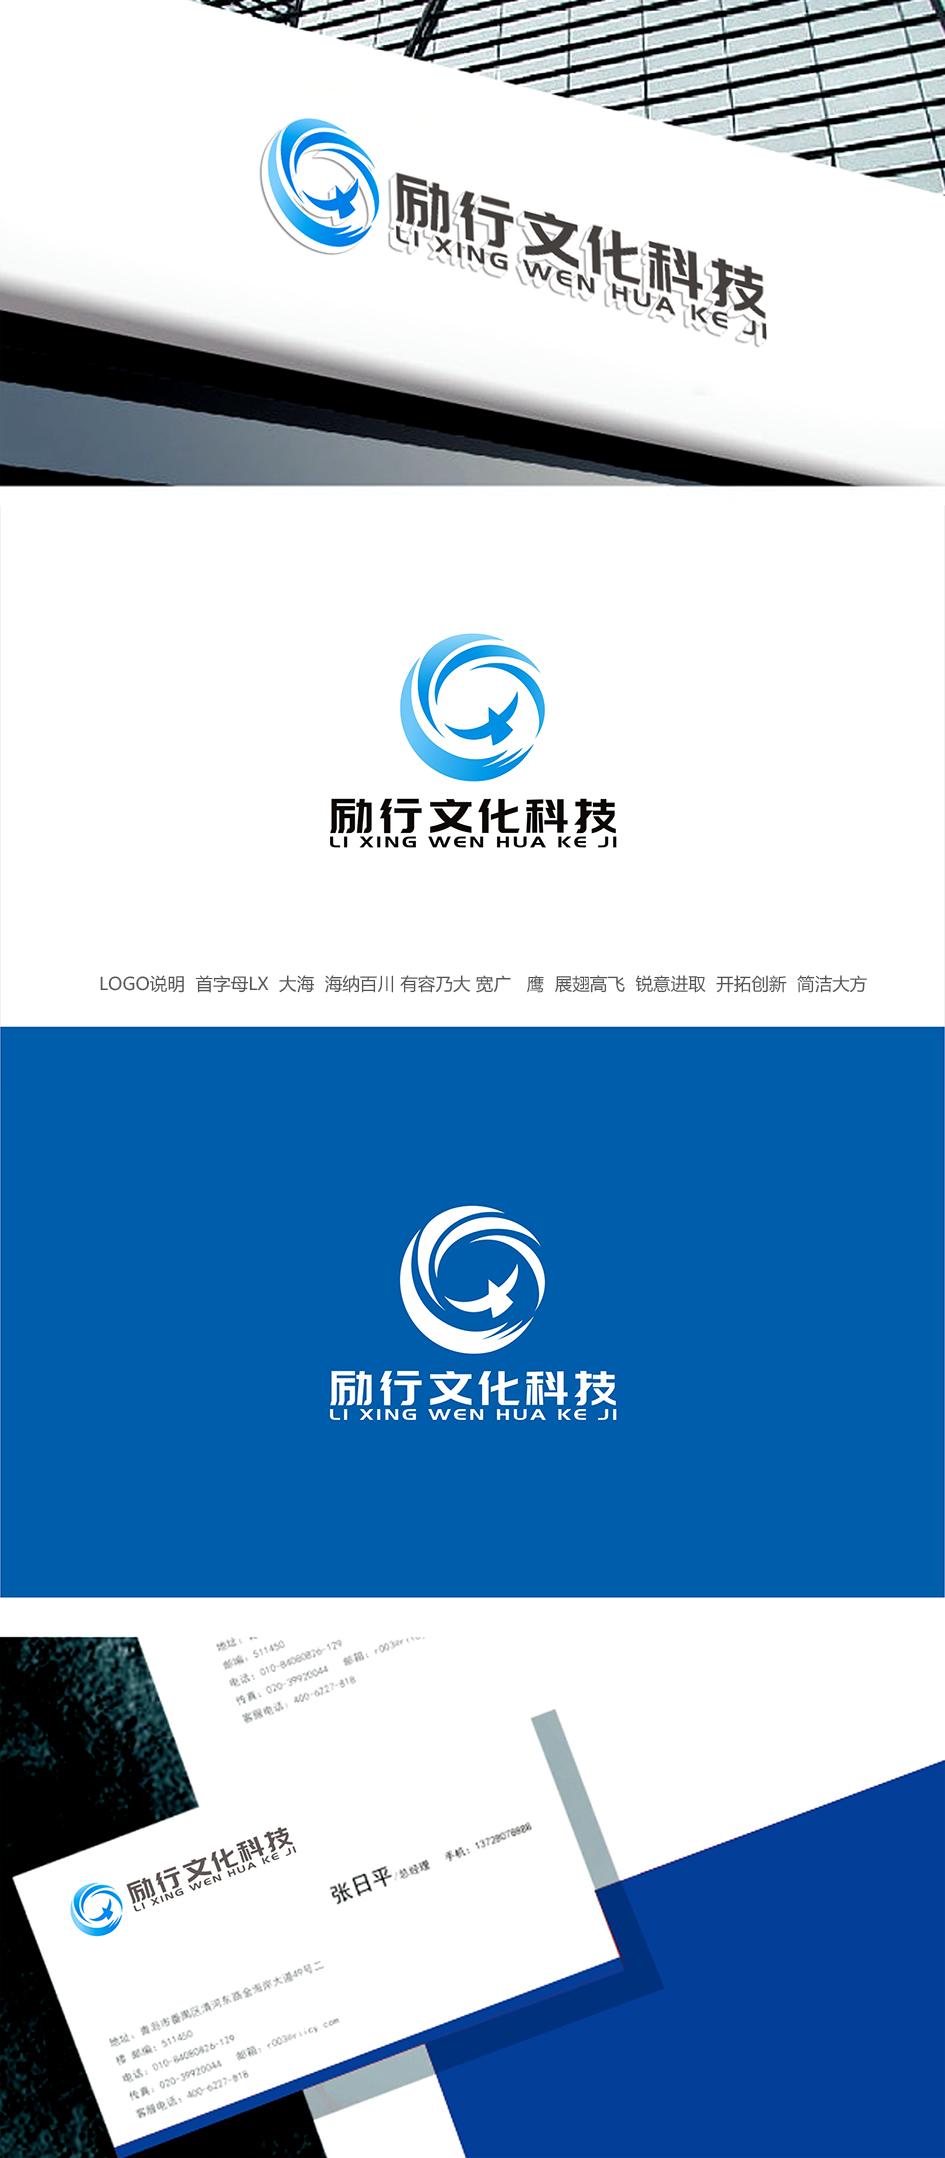 励行文化科技有限公司_3035832_k68威客网